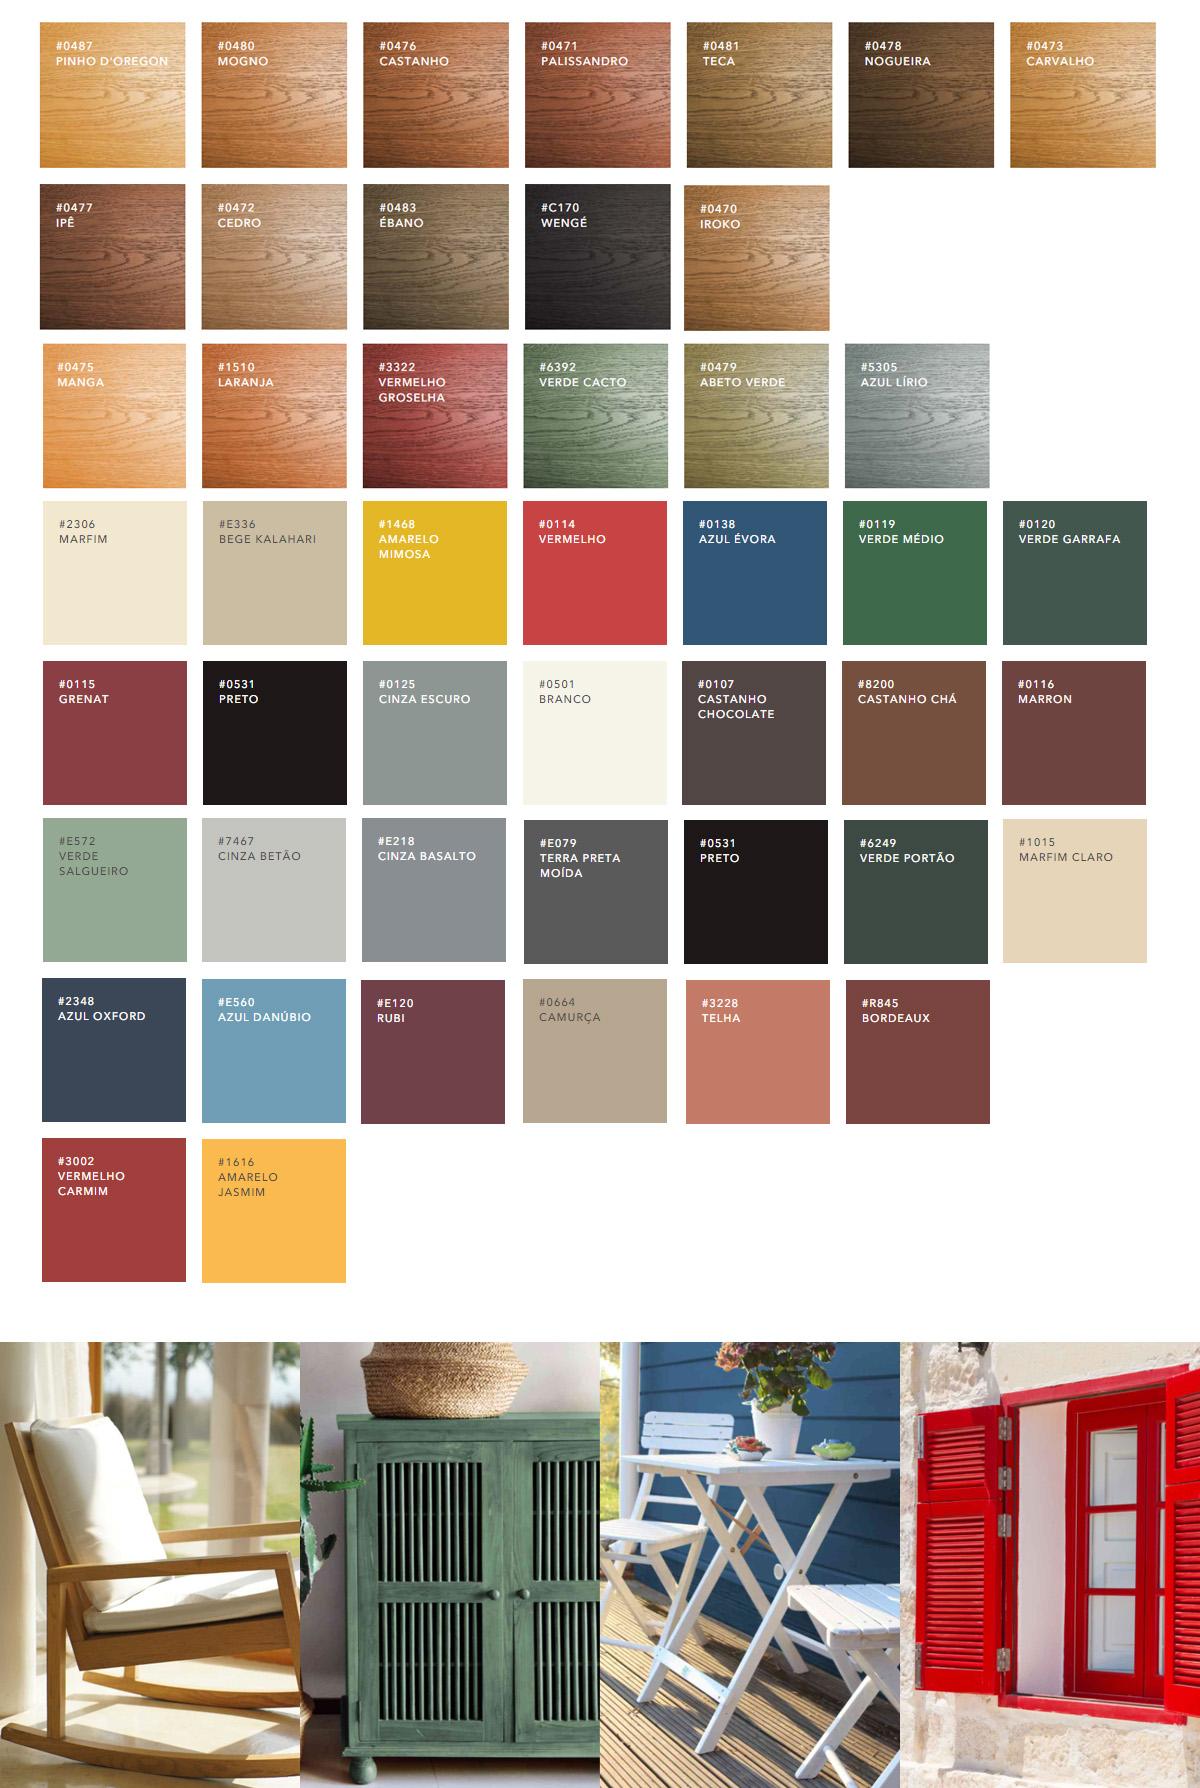 cores dos produtos Woodtec da CIN